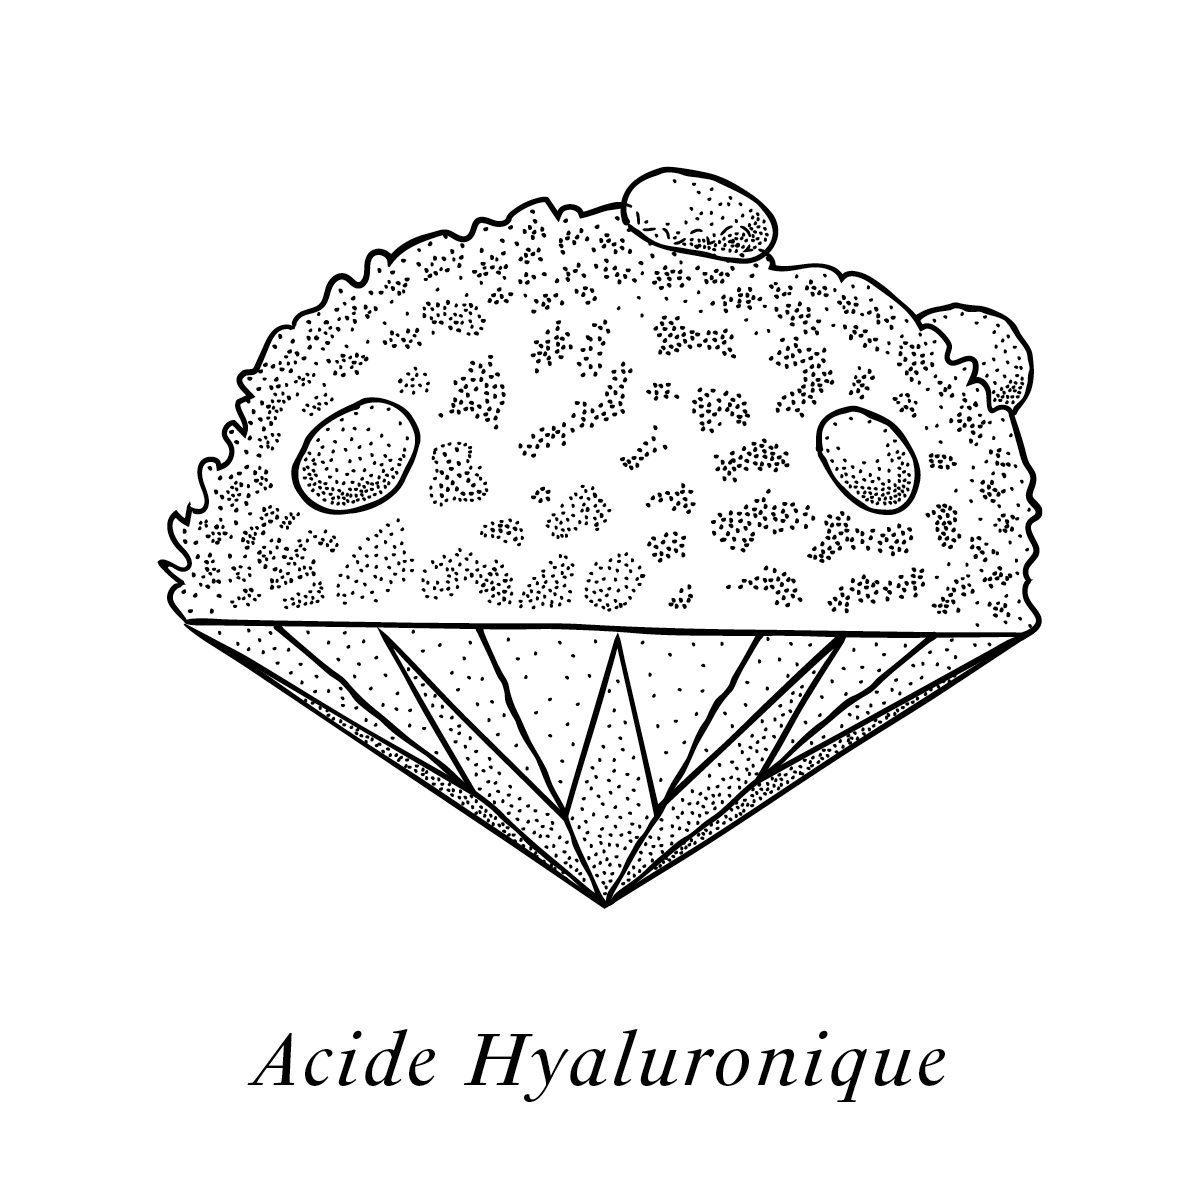 Illustration de l'acide hyaluronique, un des composants de la crème Claudius N°1, design ichetkar